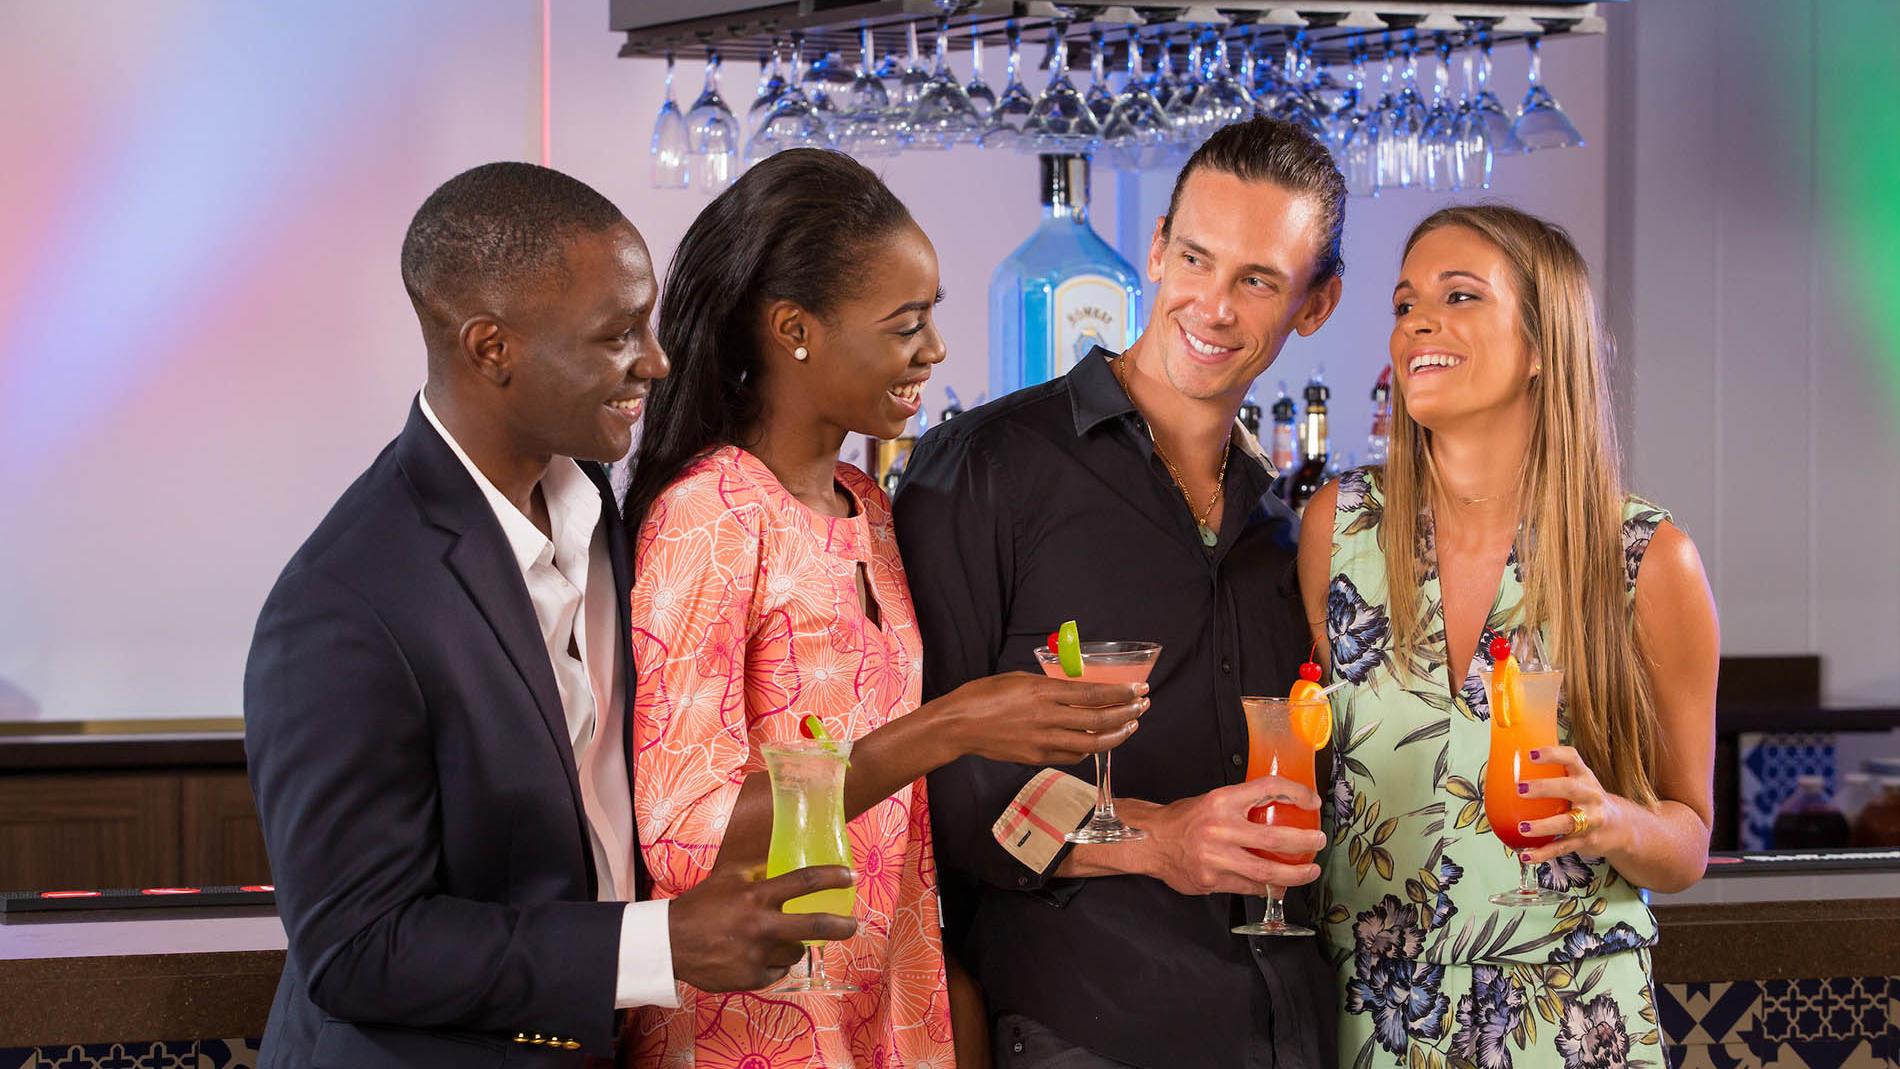 Group at Rum Cay Lobby Bar at Warwick Paradise Island